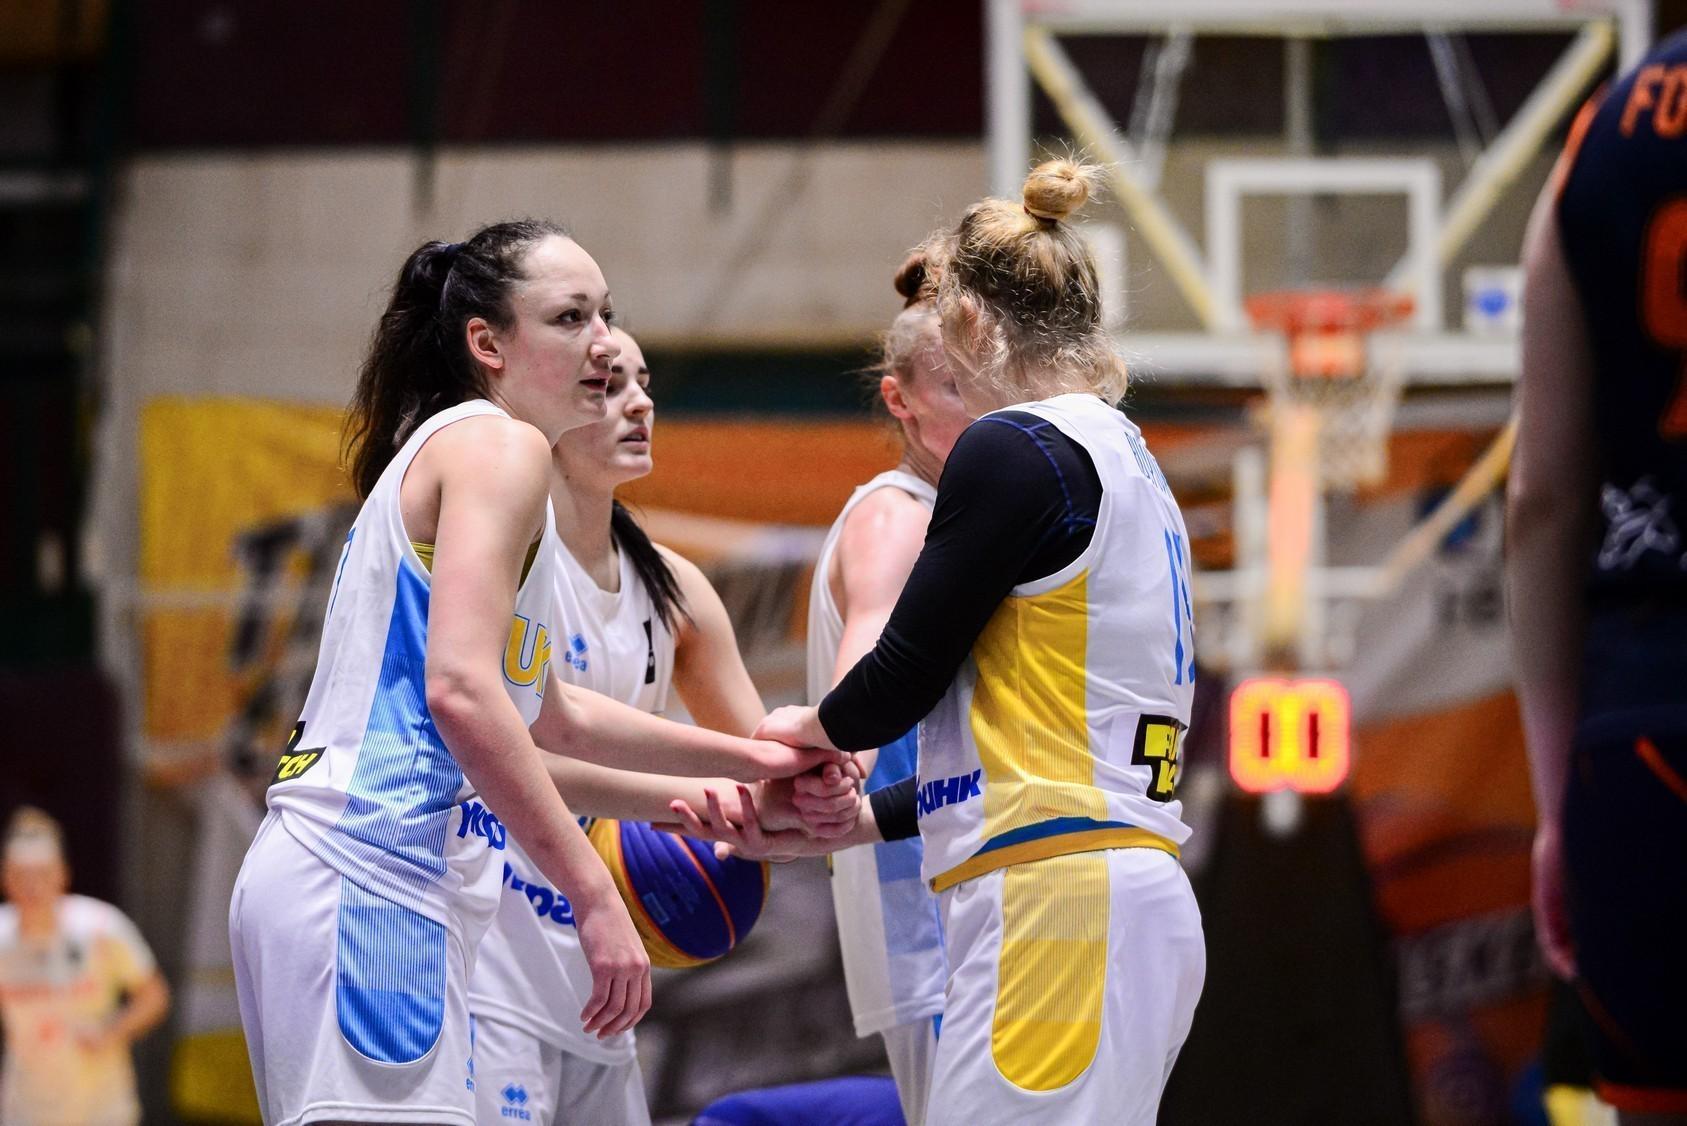 Жіноча збірна України 3х3 продовжить підготовку до олімпійської кваліфікації за кордоном